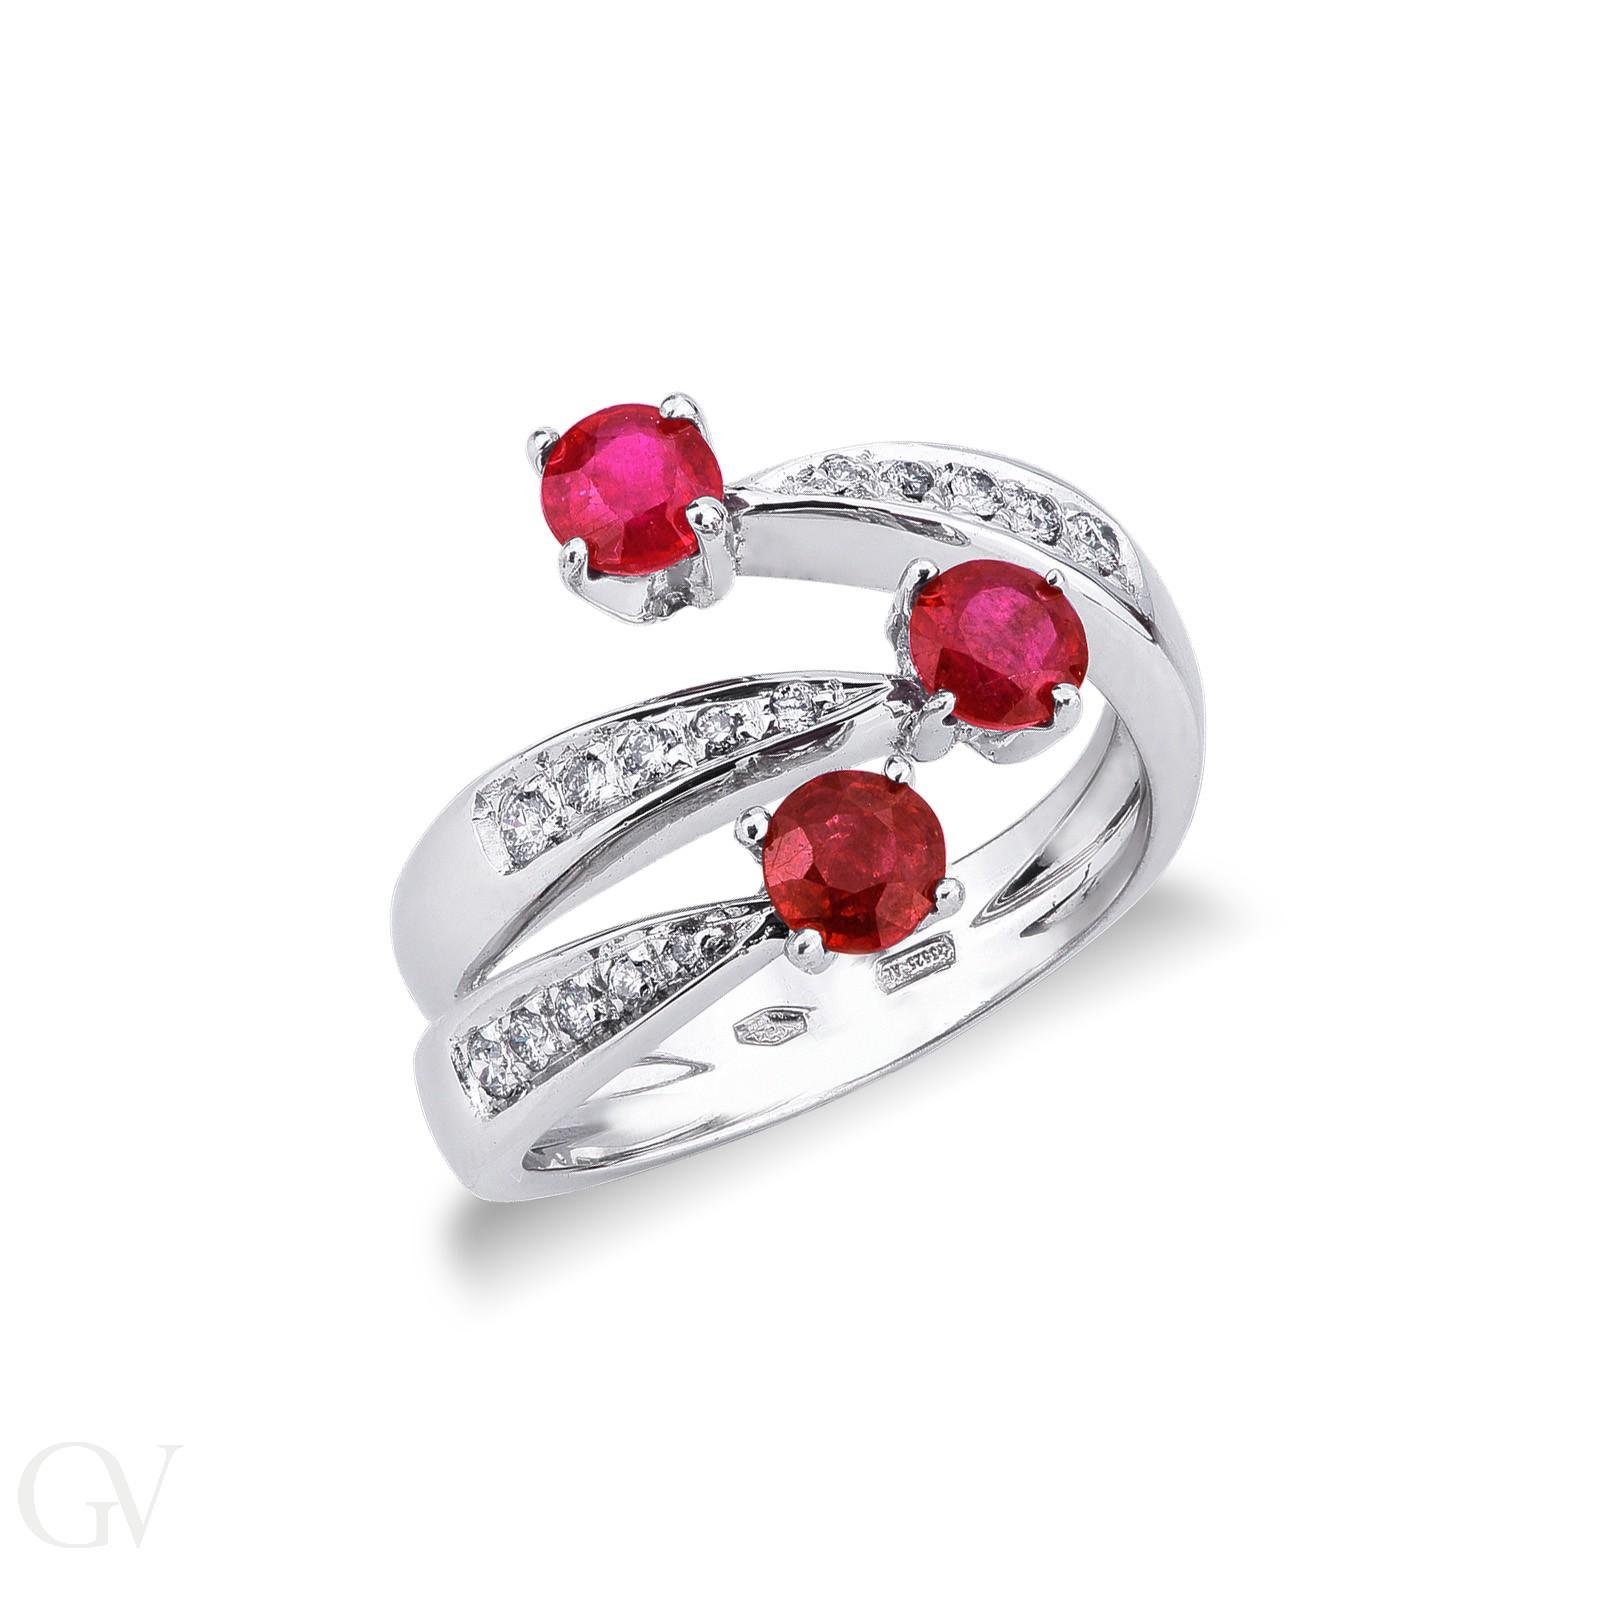 Anello tipo trilogy in oro bianco 18k con rubini e diamanti